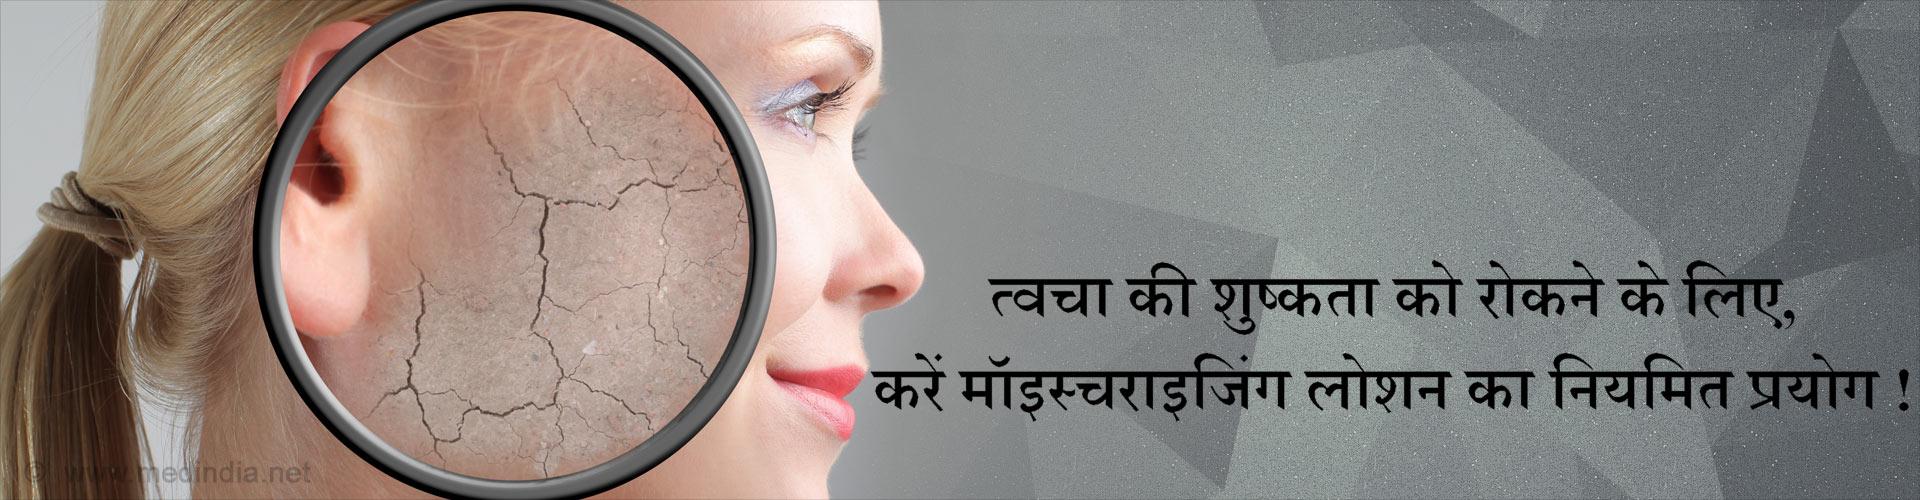 त्वचा की शुष्कता को रोकने के लिए, करें मॉइस्चराइजिंग लोशन का नियमित प्रयोग !